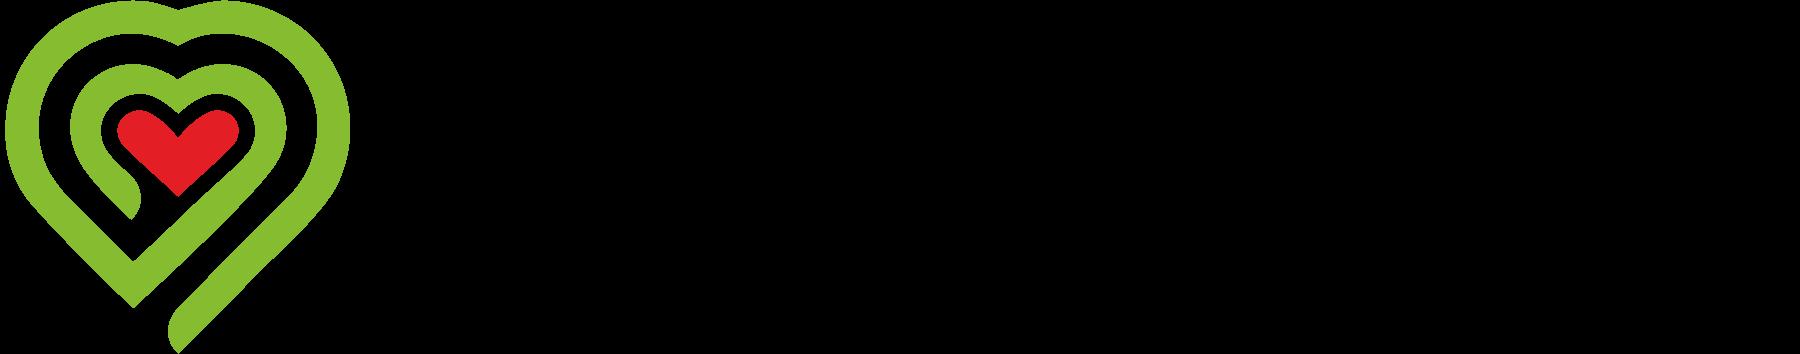 II ЕВРАЗИЙСКИЙ (РОССИЙСКО-КИТАЙСКИЙ) КОНГРЕСС ПО ЛЕЧЕНИЮ СЕРДЕЧНО-СОСУДИСТЫХ ЗАБОЛЕВАНИЙ